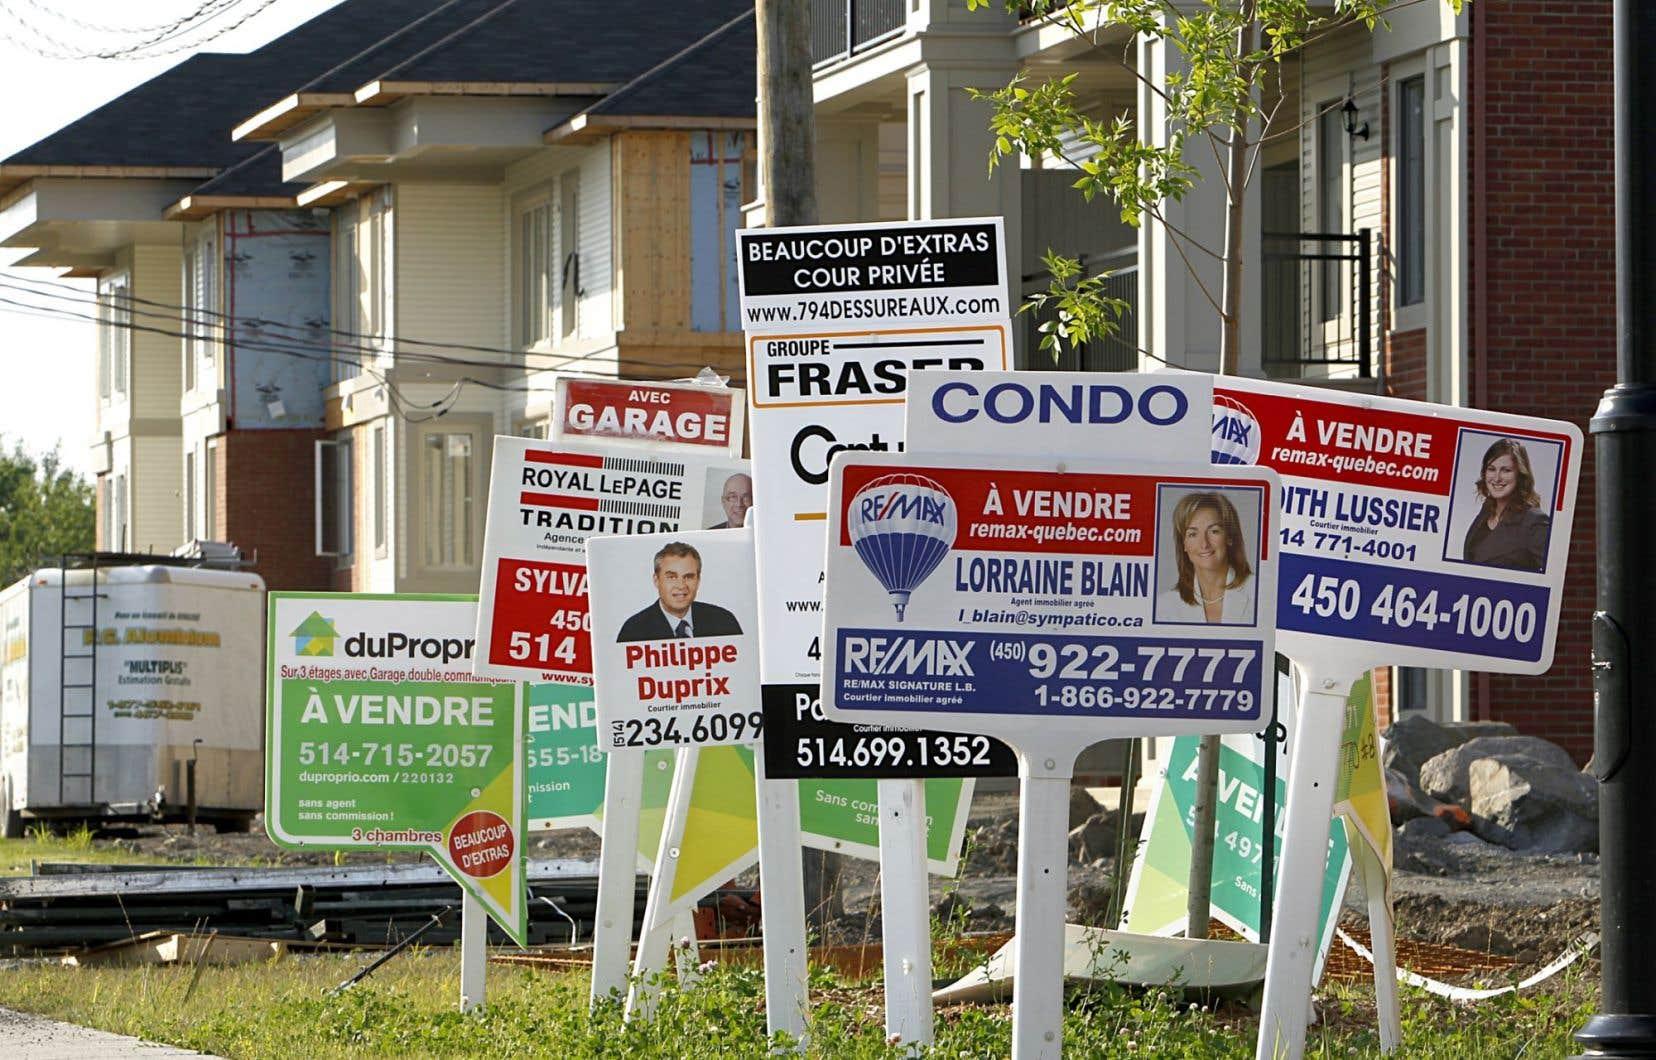 Une dégringolade des prix immobiliers frapperait disproportionnellement les jeunes familles, conclut une étude du Centre canadien de politiques alternatives dévoilée lundi.